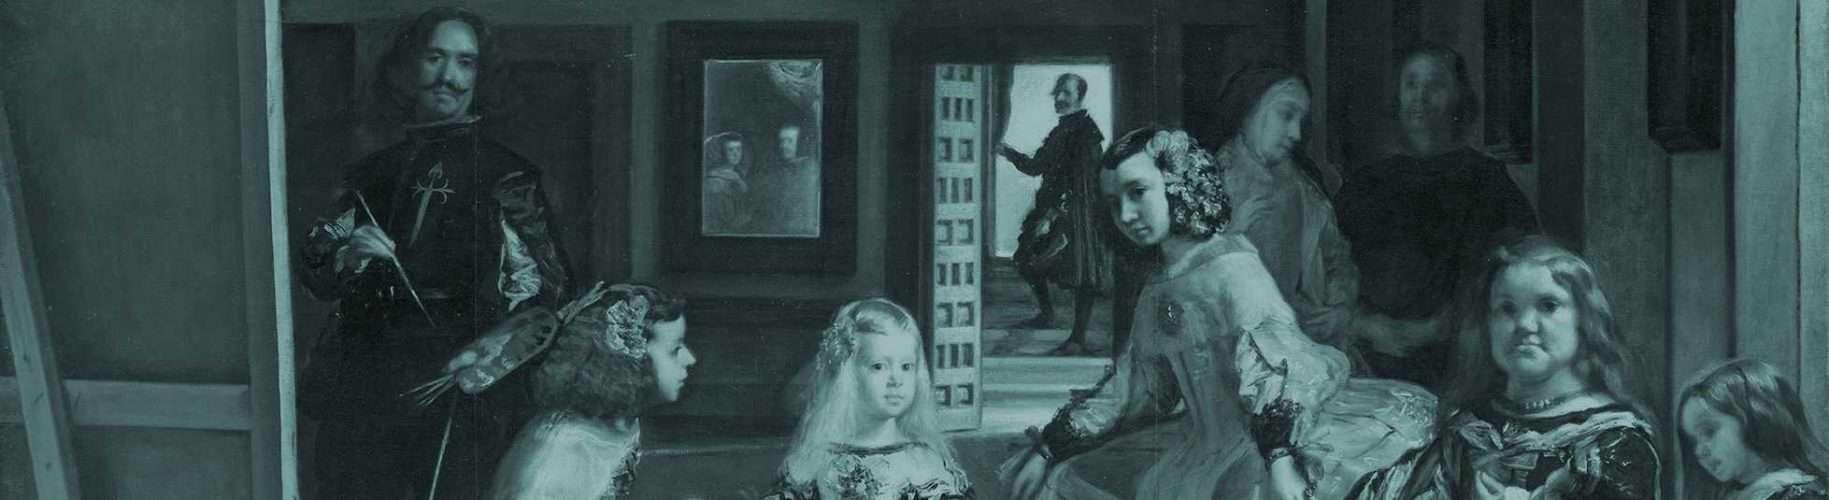 Velázquez-Calvo Serraller-conferencias prado museo bellas artes de bilbao